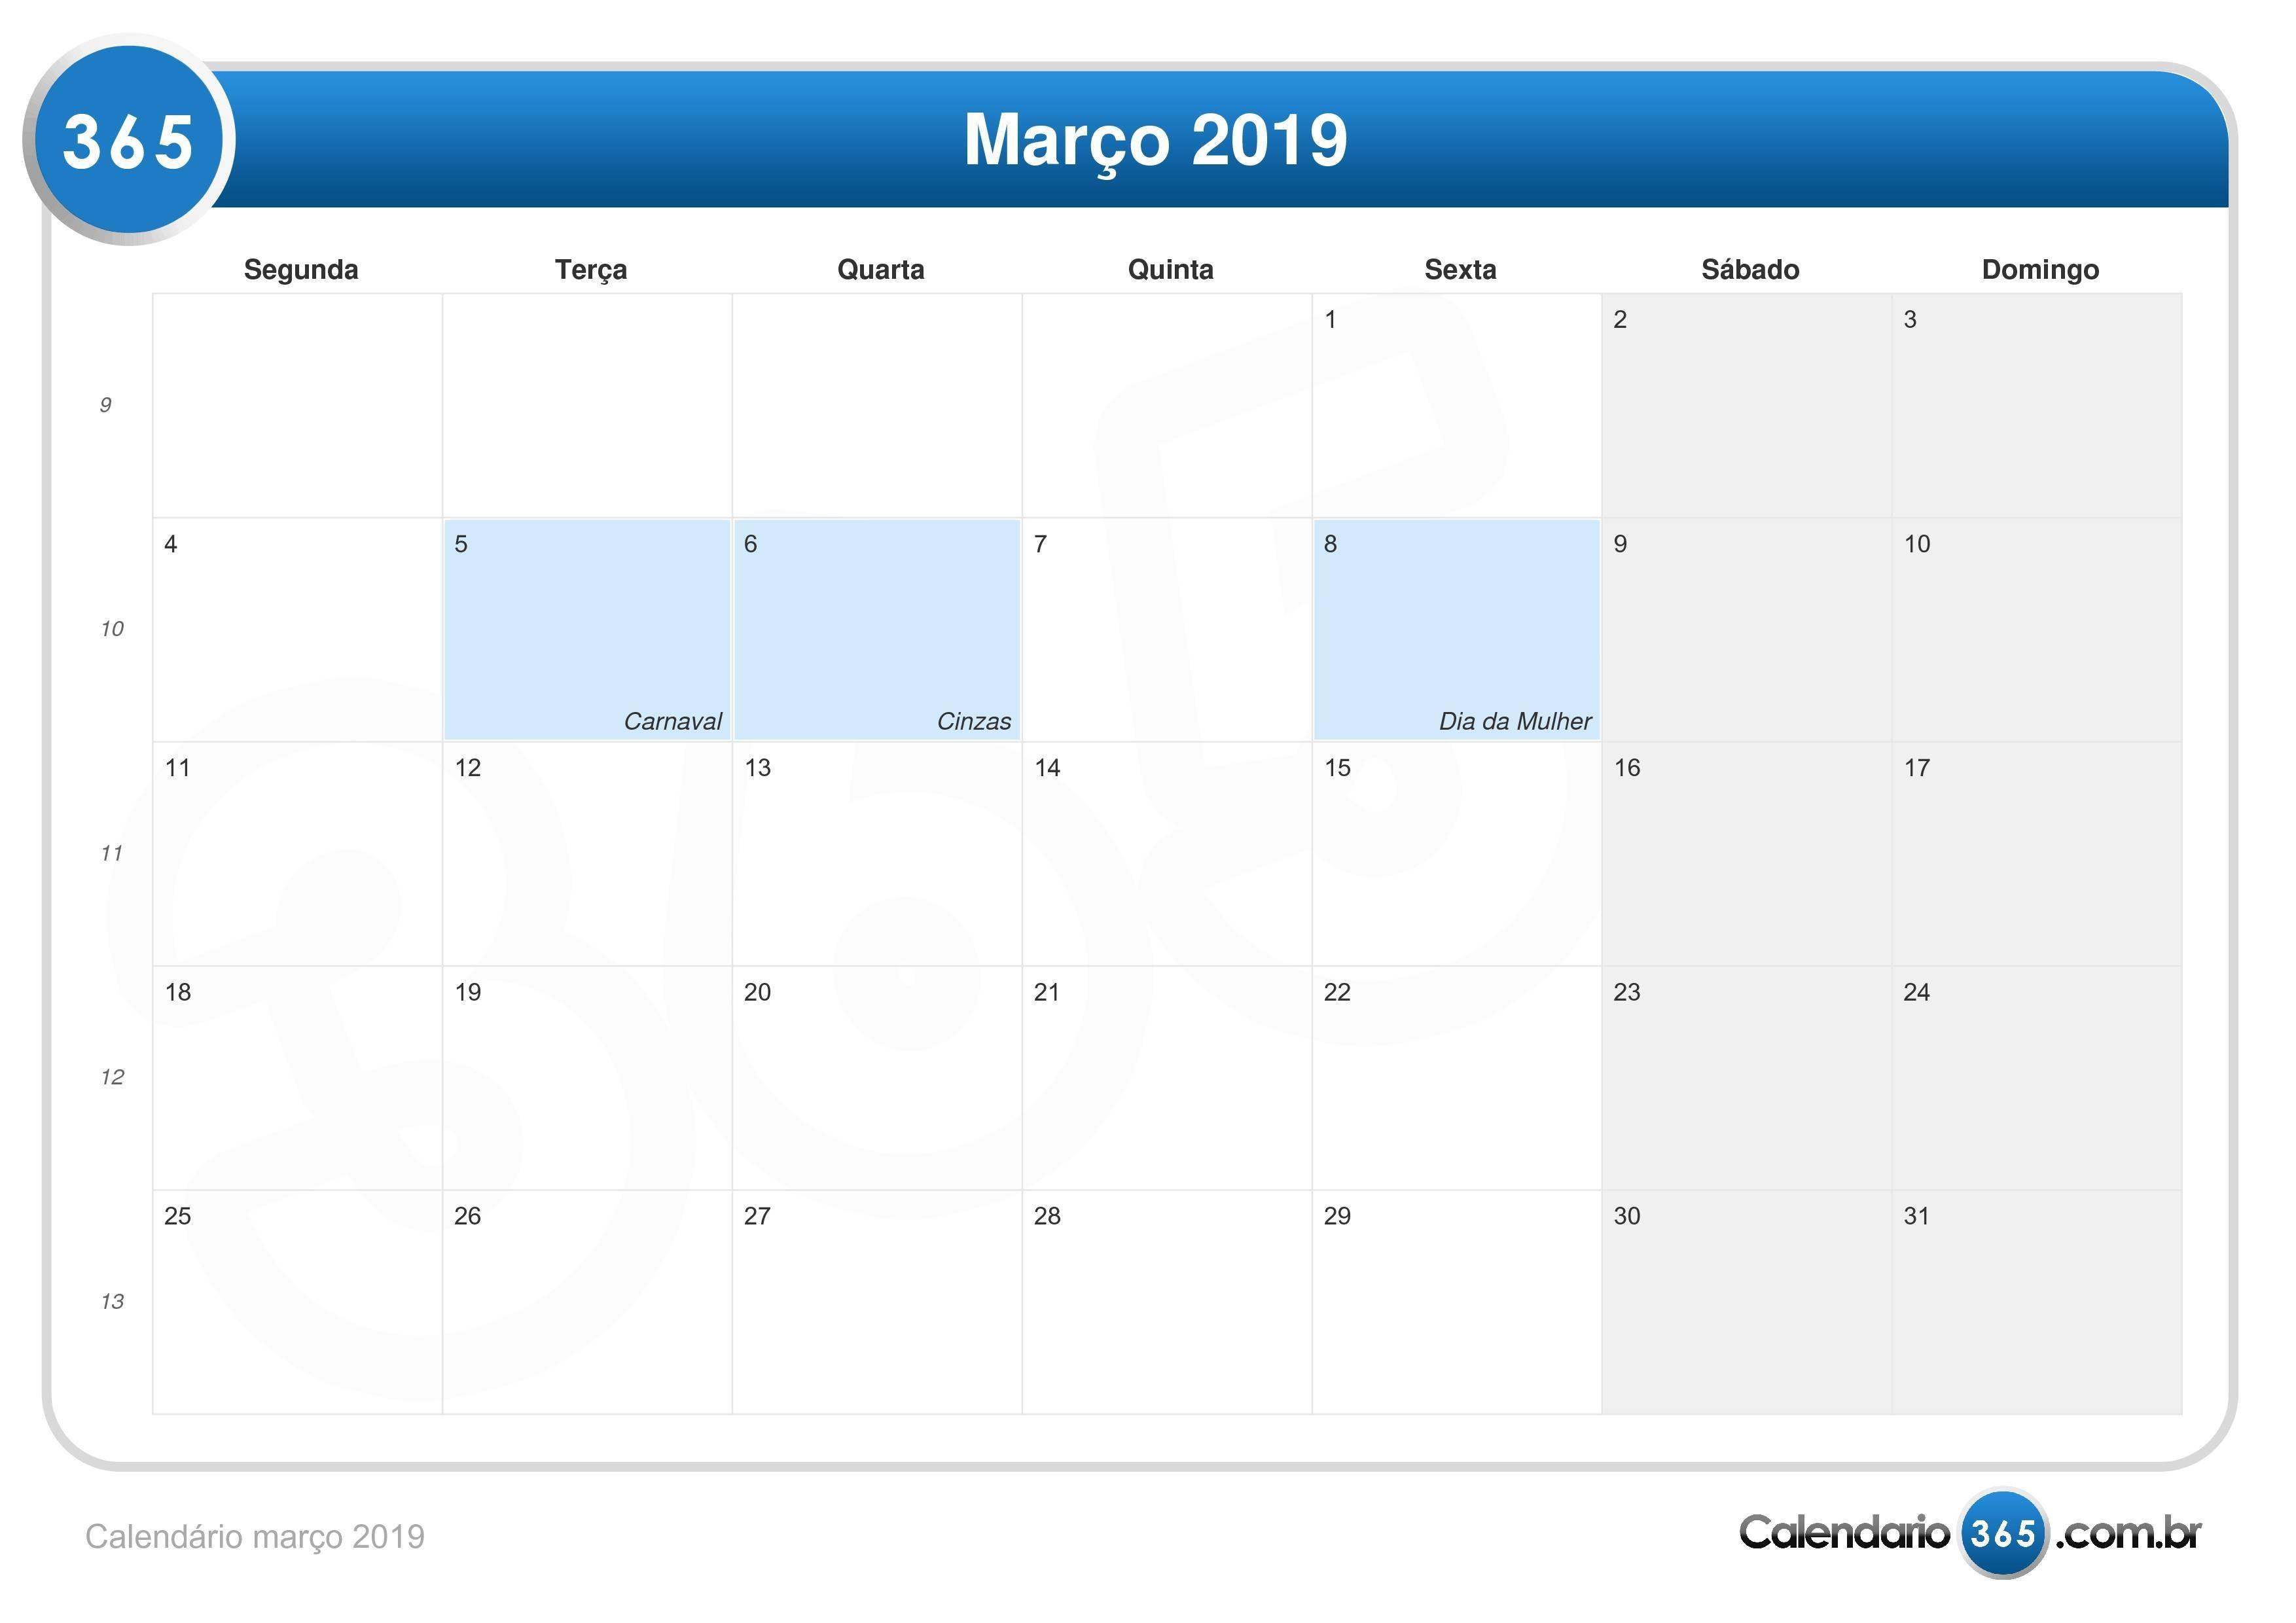 calendƒ¡rio 2019 cactos verde pdf feriados nacionais